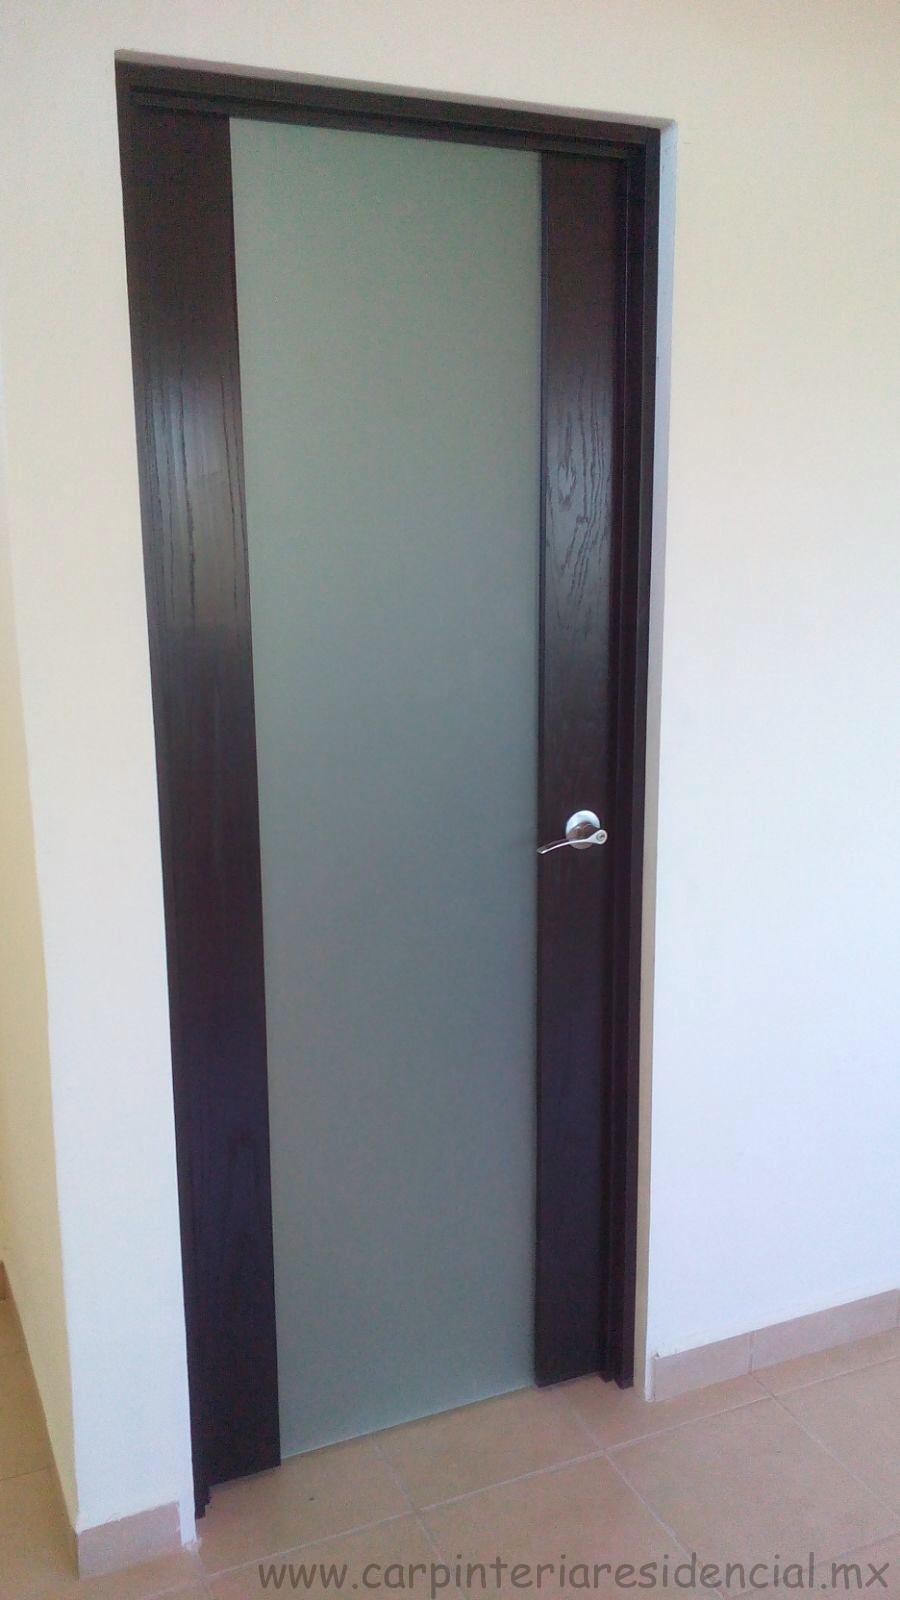 Trabajos recientes carpinteria residencial slp for Puertas de madera con vidrio